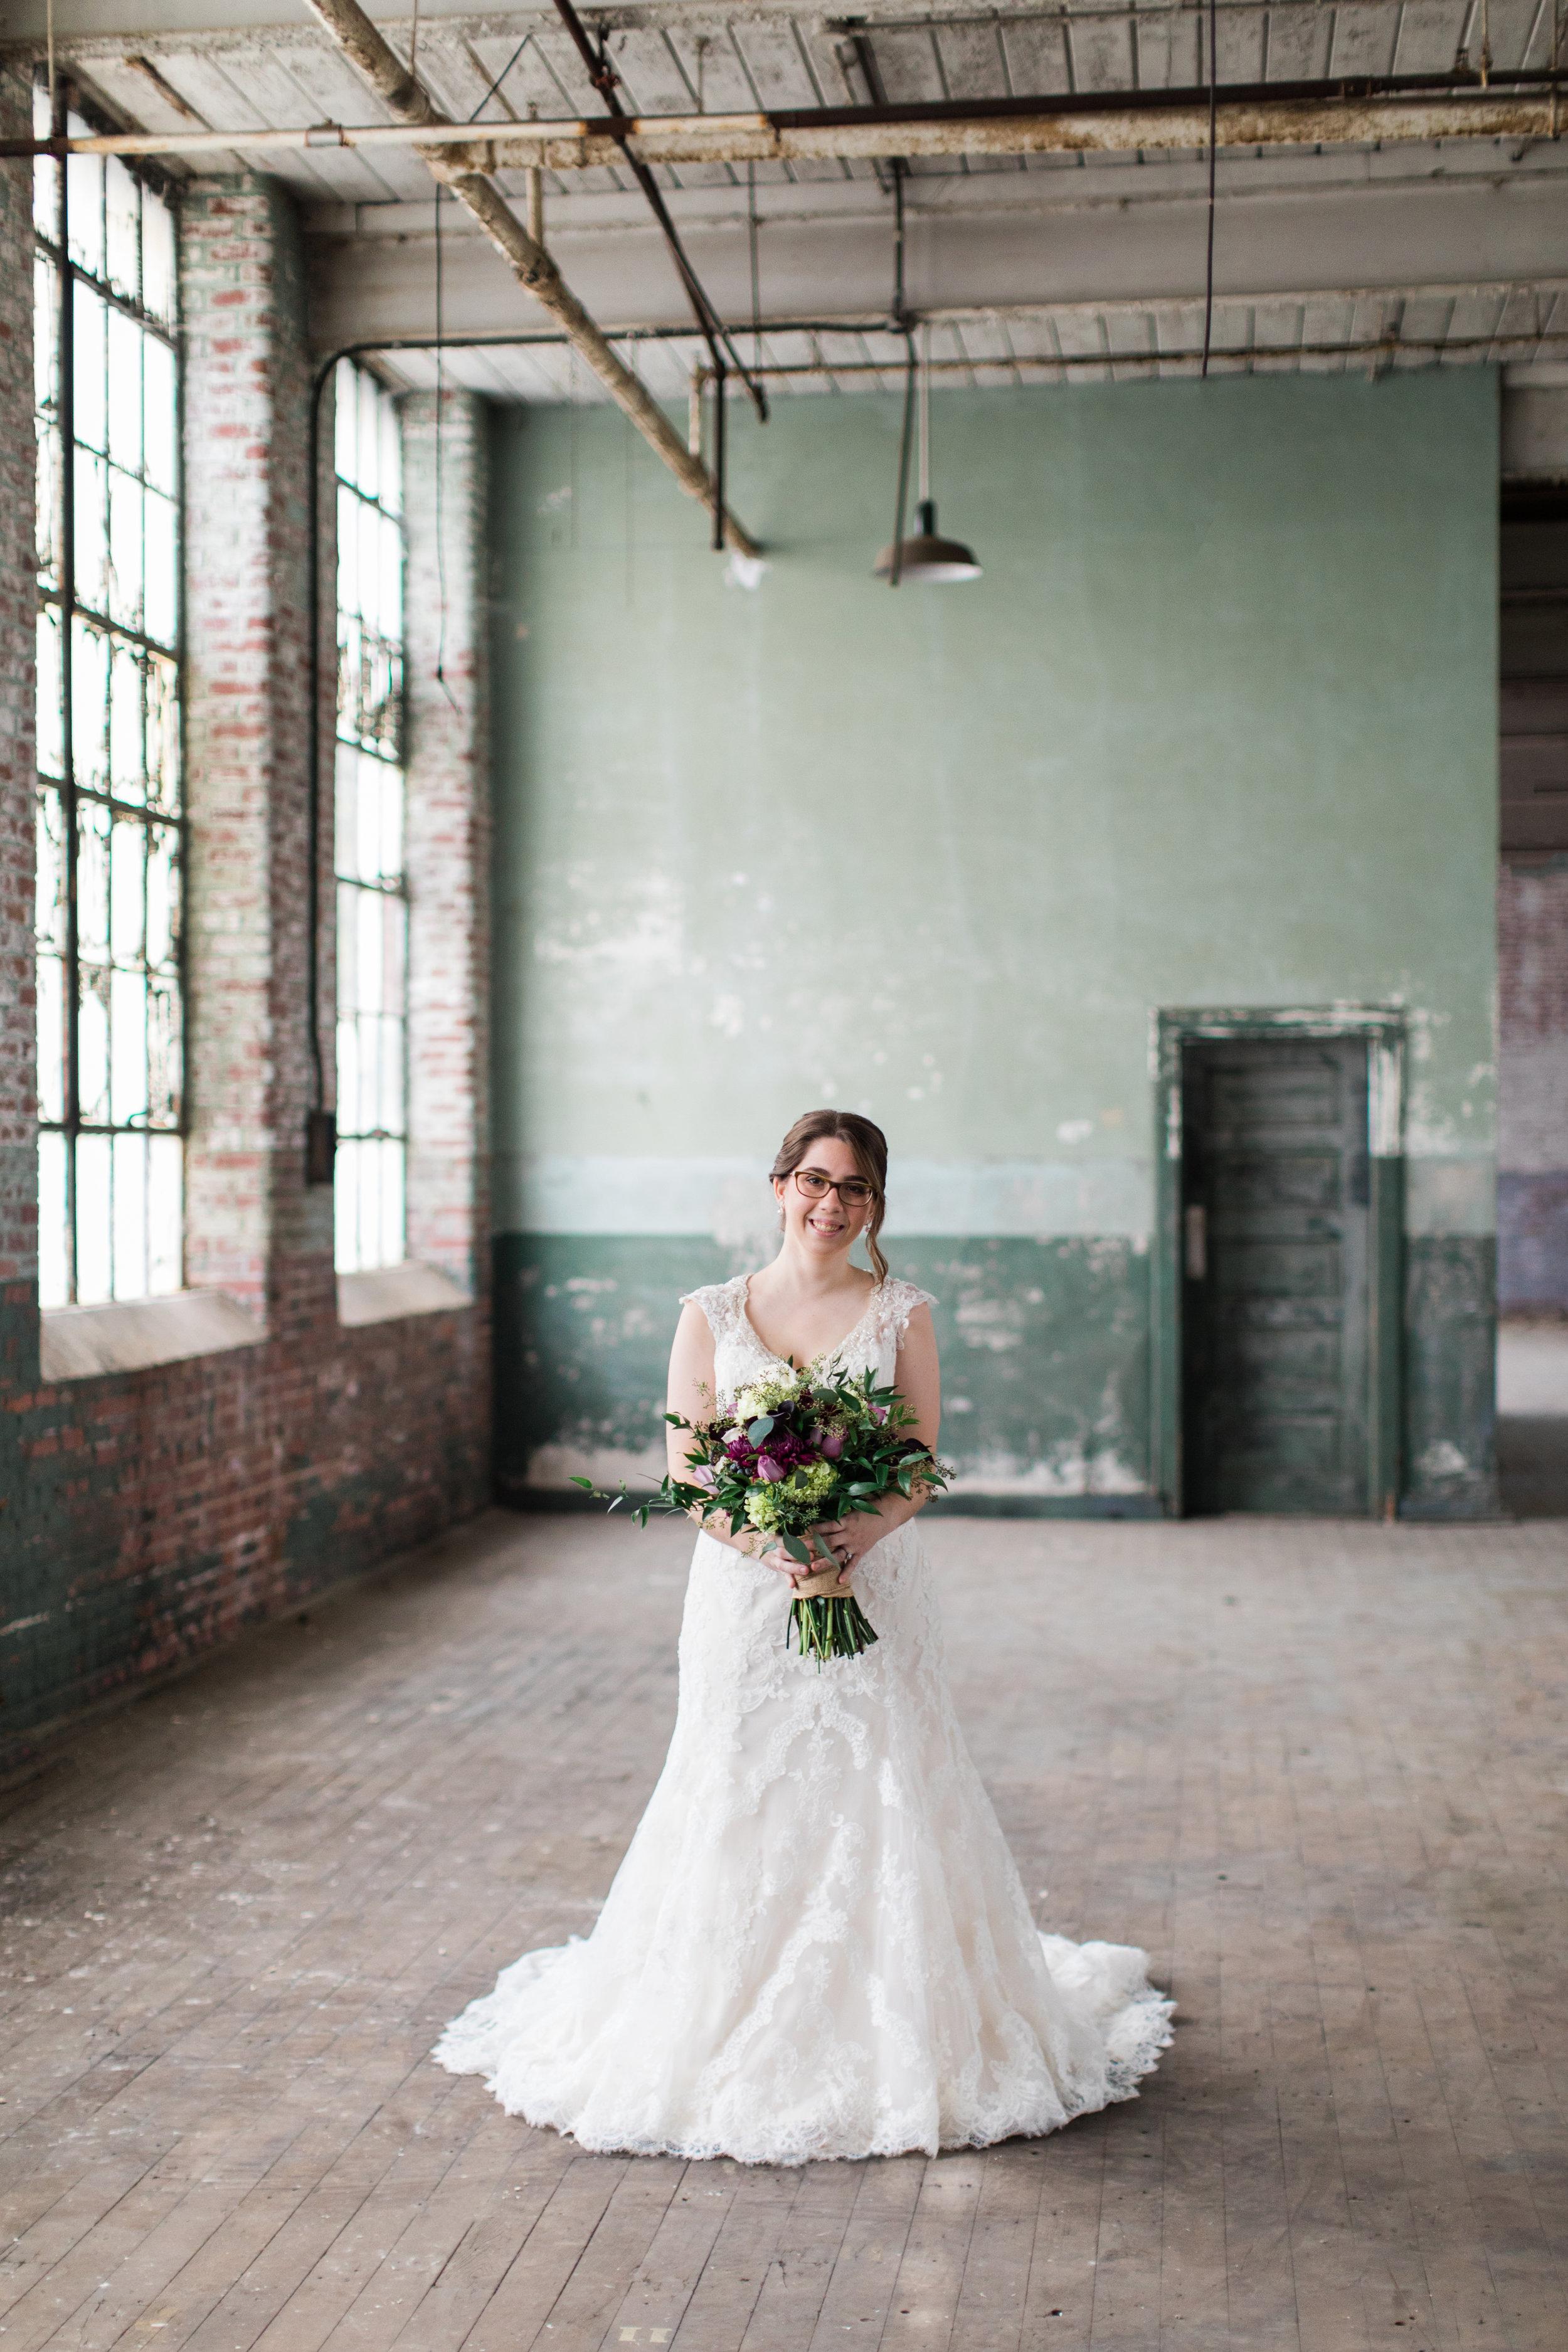 Hannah-bridal-002.JPG